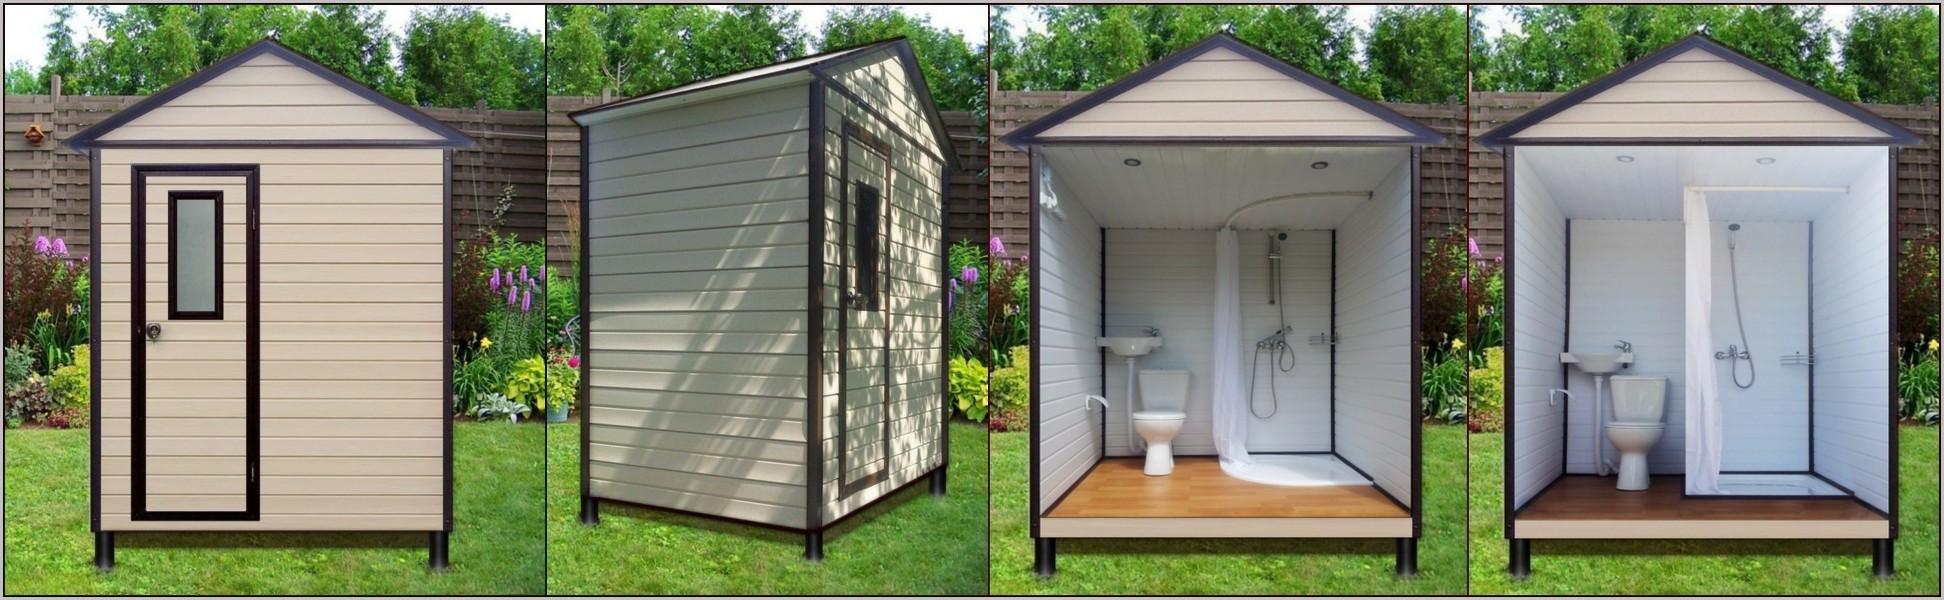 """Дачный душ с туалетом от компании """"Дачные конструкции"""""""